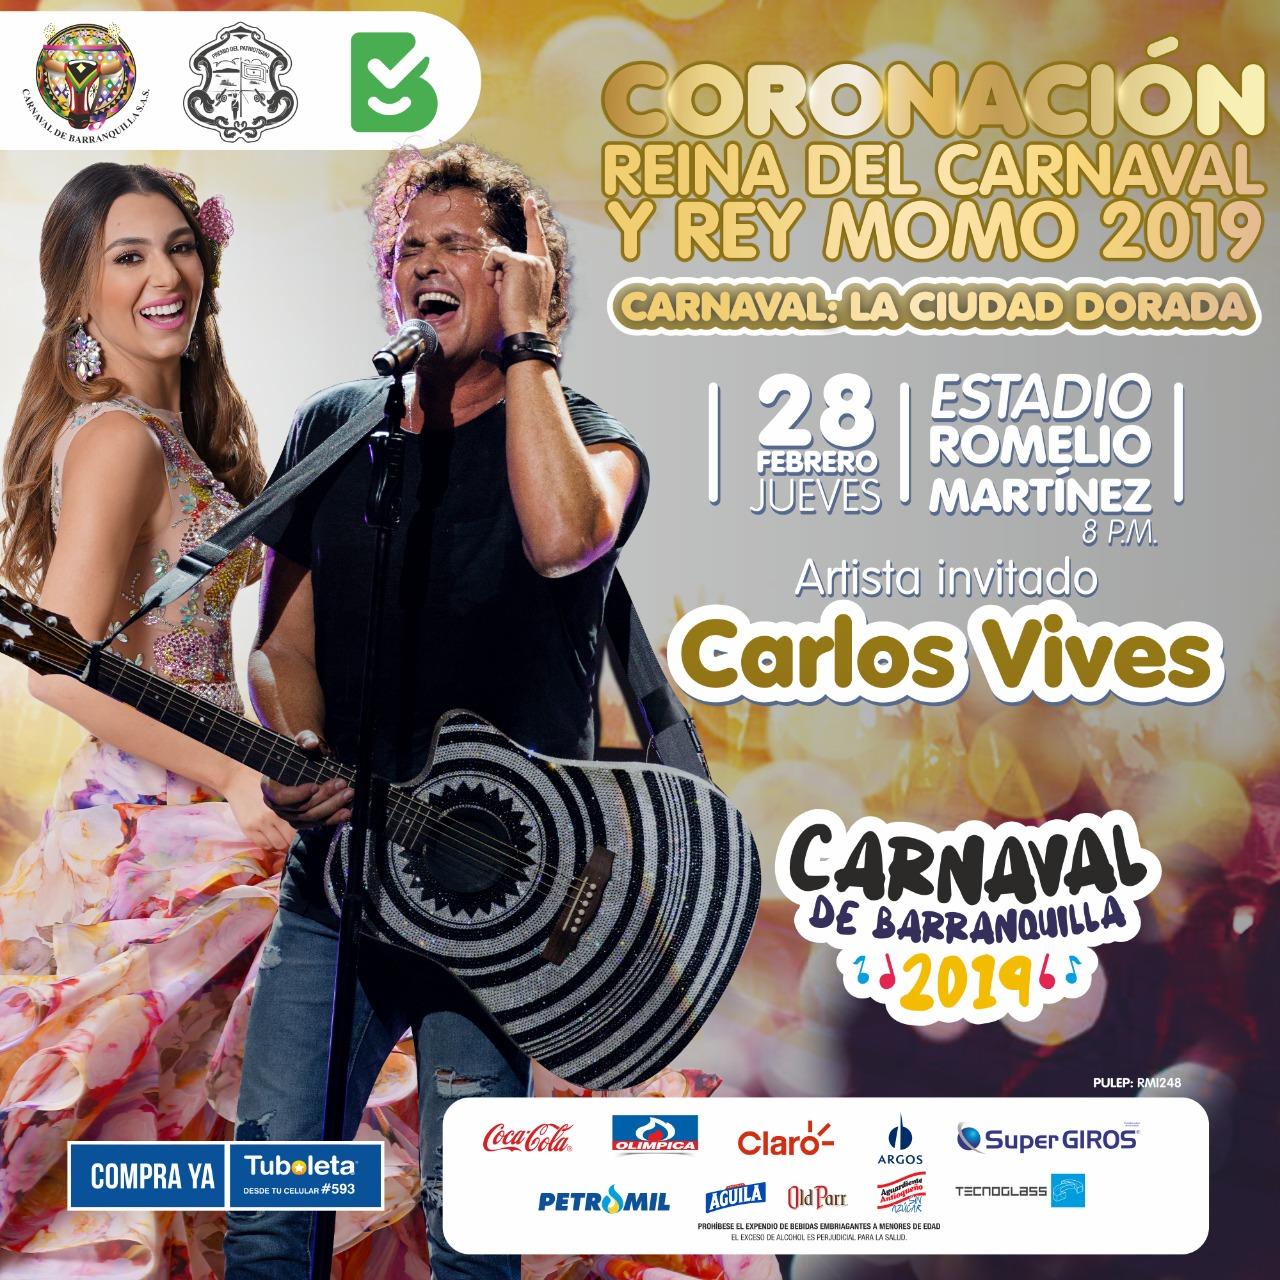 Todo listo para la gran coronación de los Reyes del Carnaval este 28 de febrero